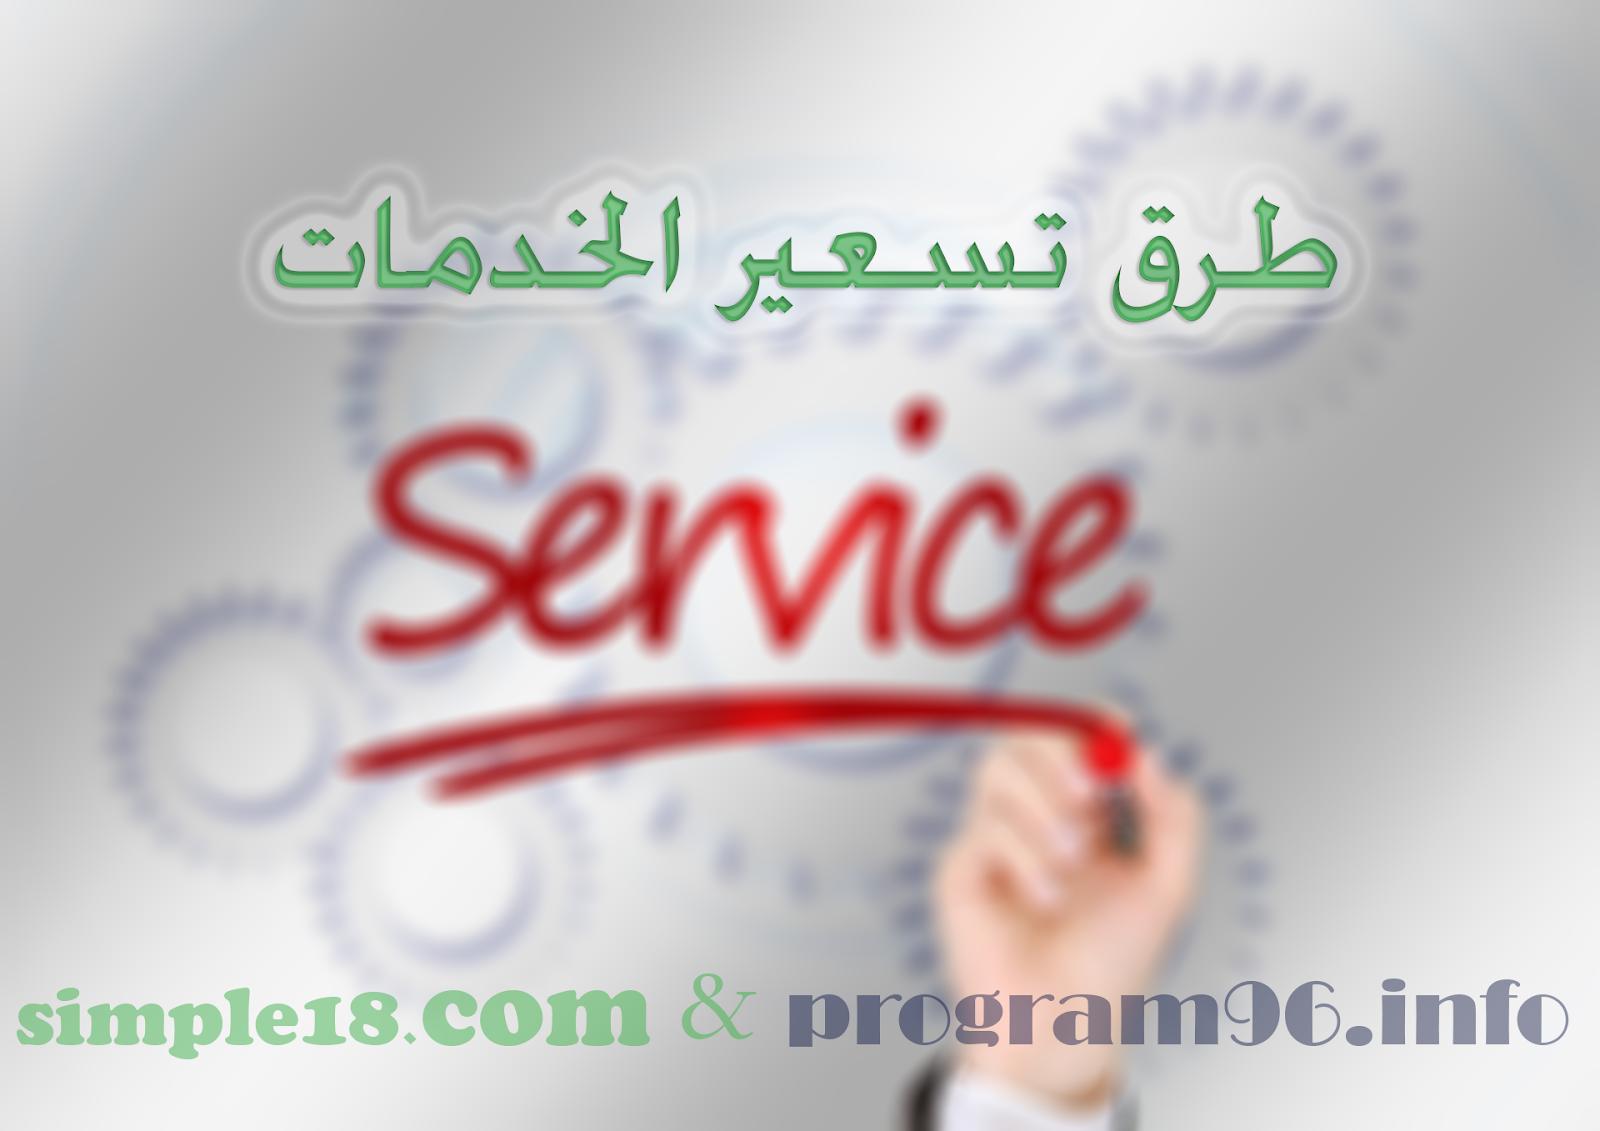 طرق تسعير الخدمات وكيفية تحديد أسعار الخدمات